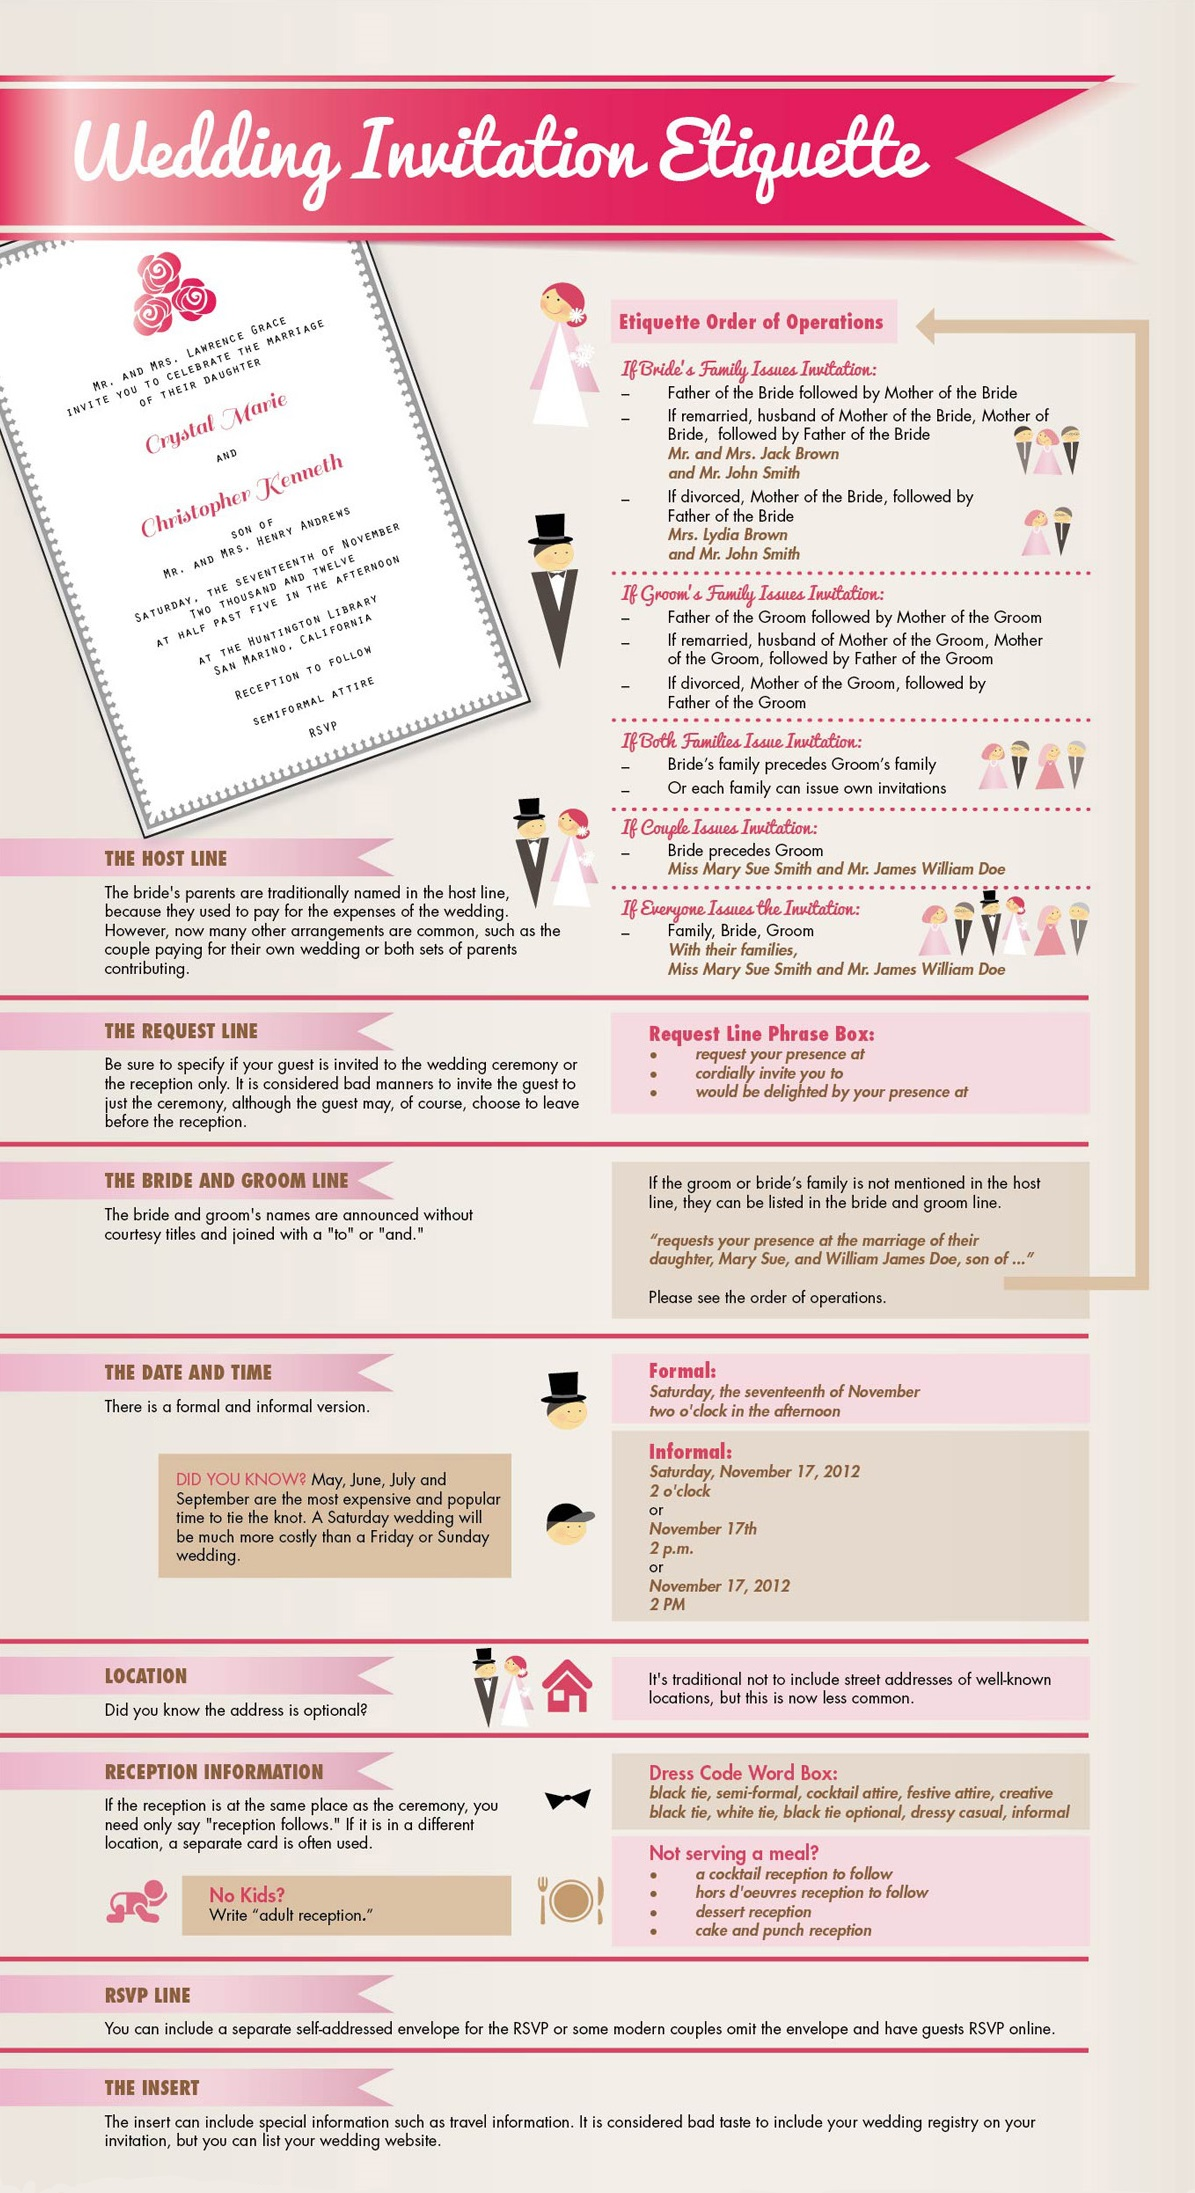 De Luxe Inforgraphic on Wedding Invitations